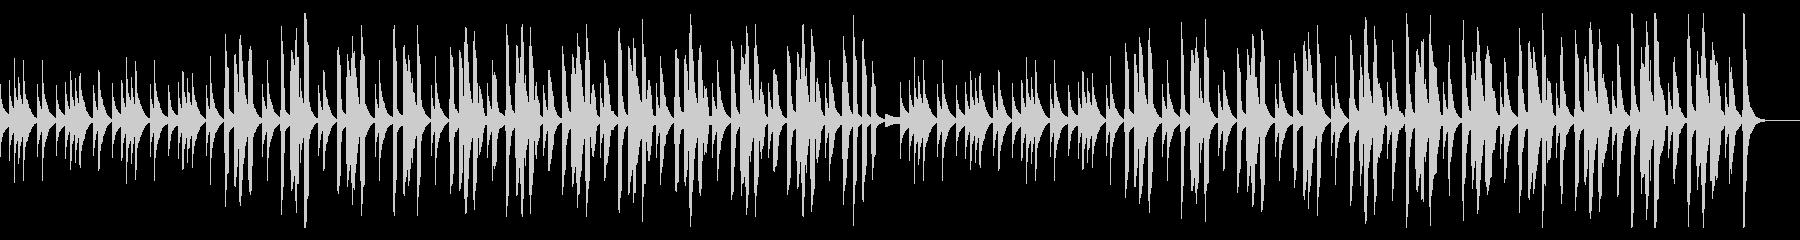 ピタゴラスイッチ風リコーダー使用BGMの未再生の波形